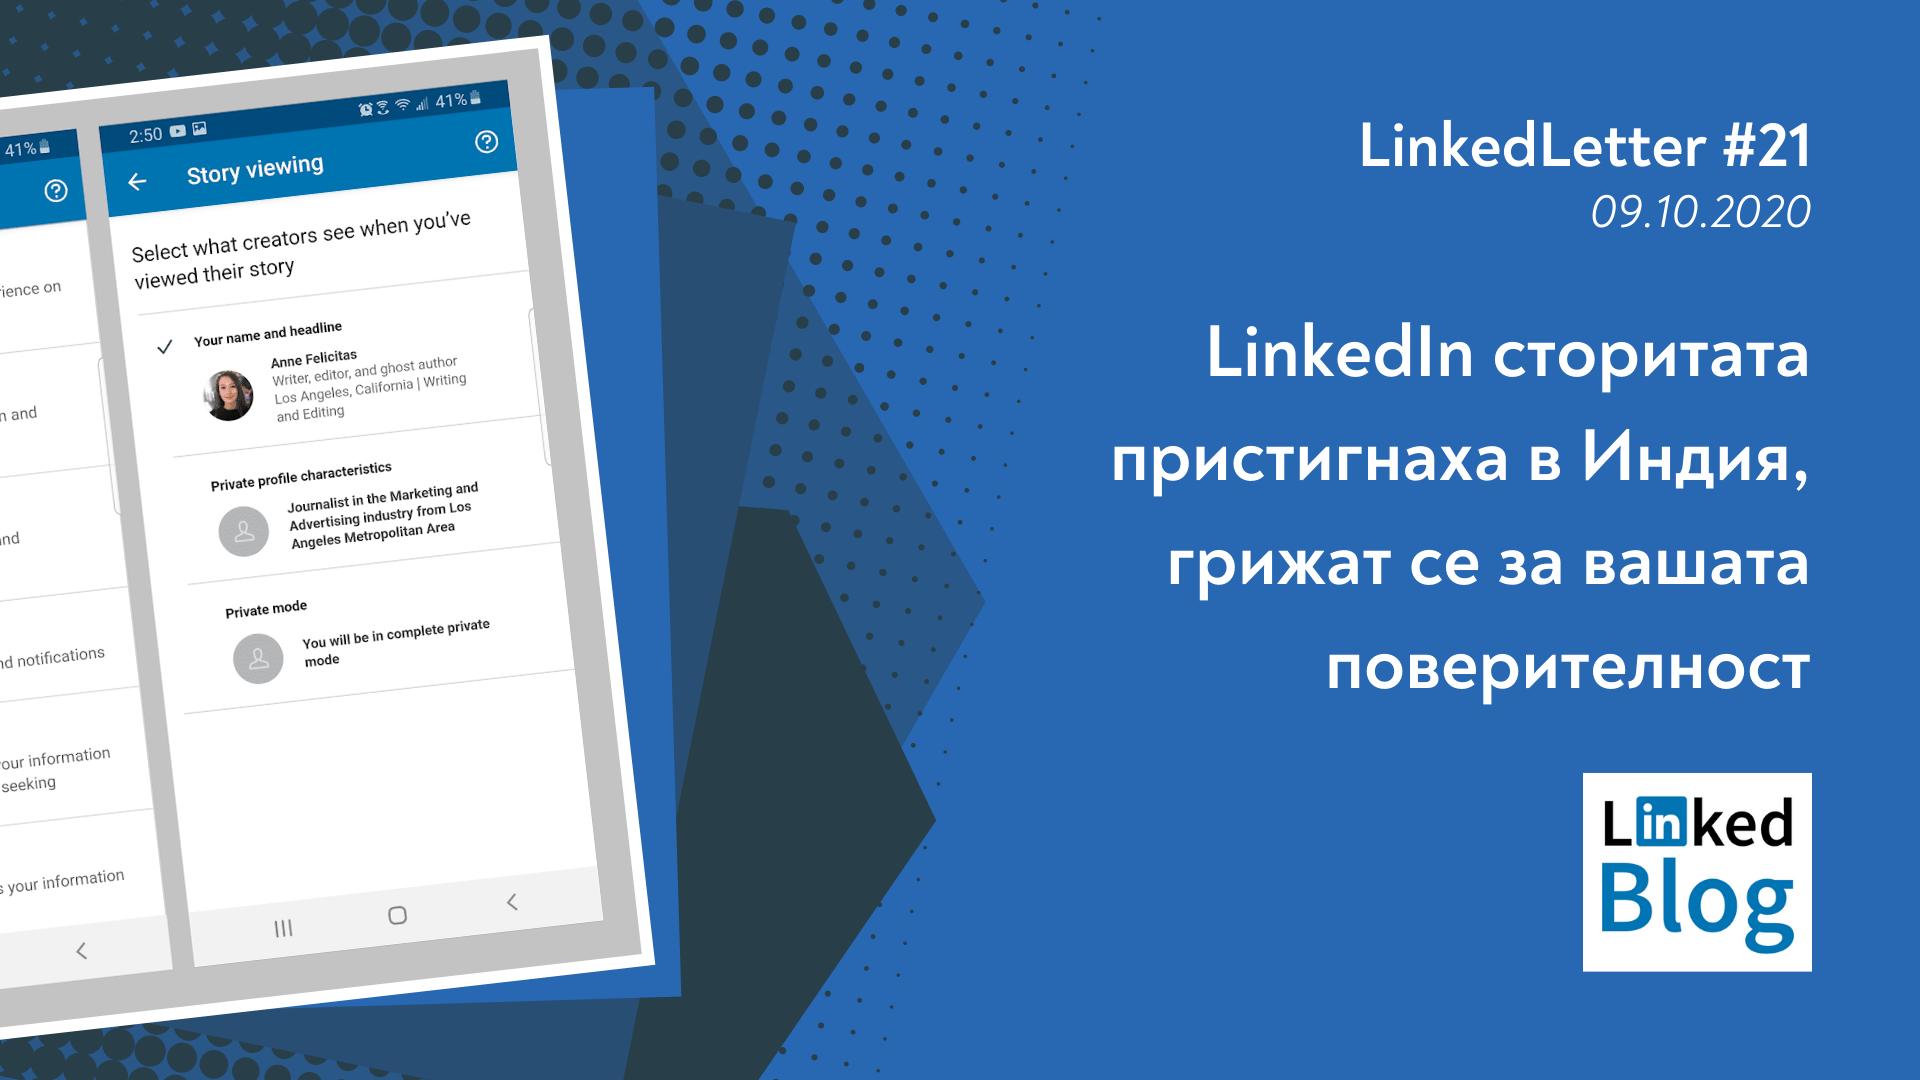 LinkedLetter 21 Cover Image